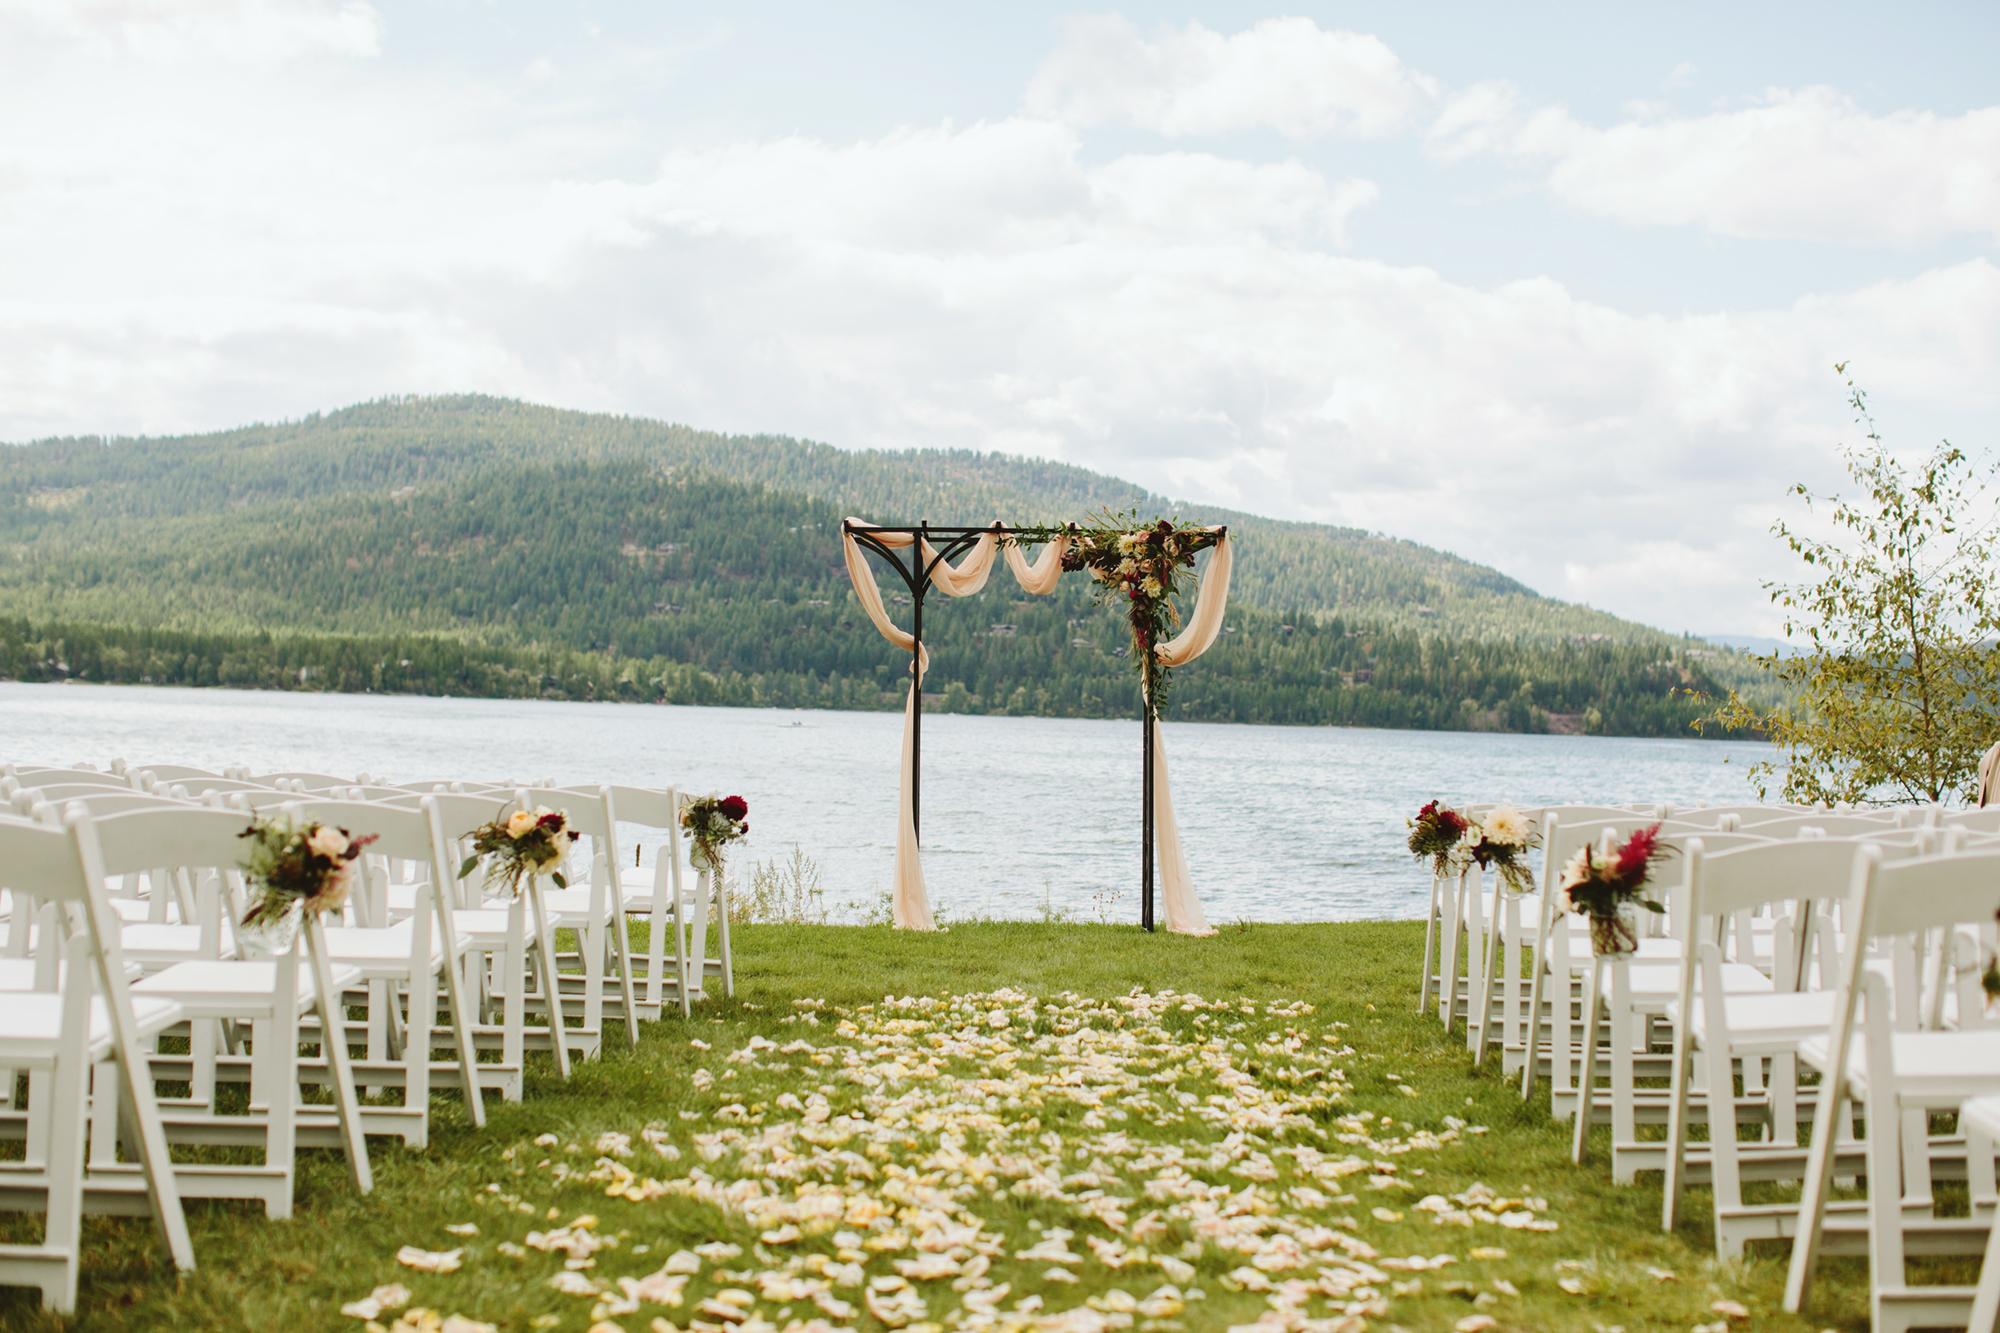 mountain wedding, lake wedding, alberta wedding photographer, outdoor wedding, outdoor ceremony